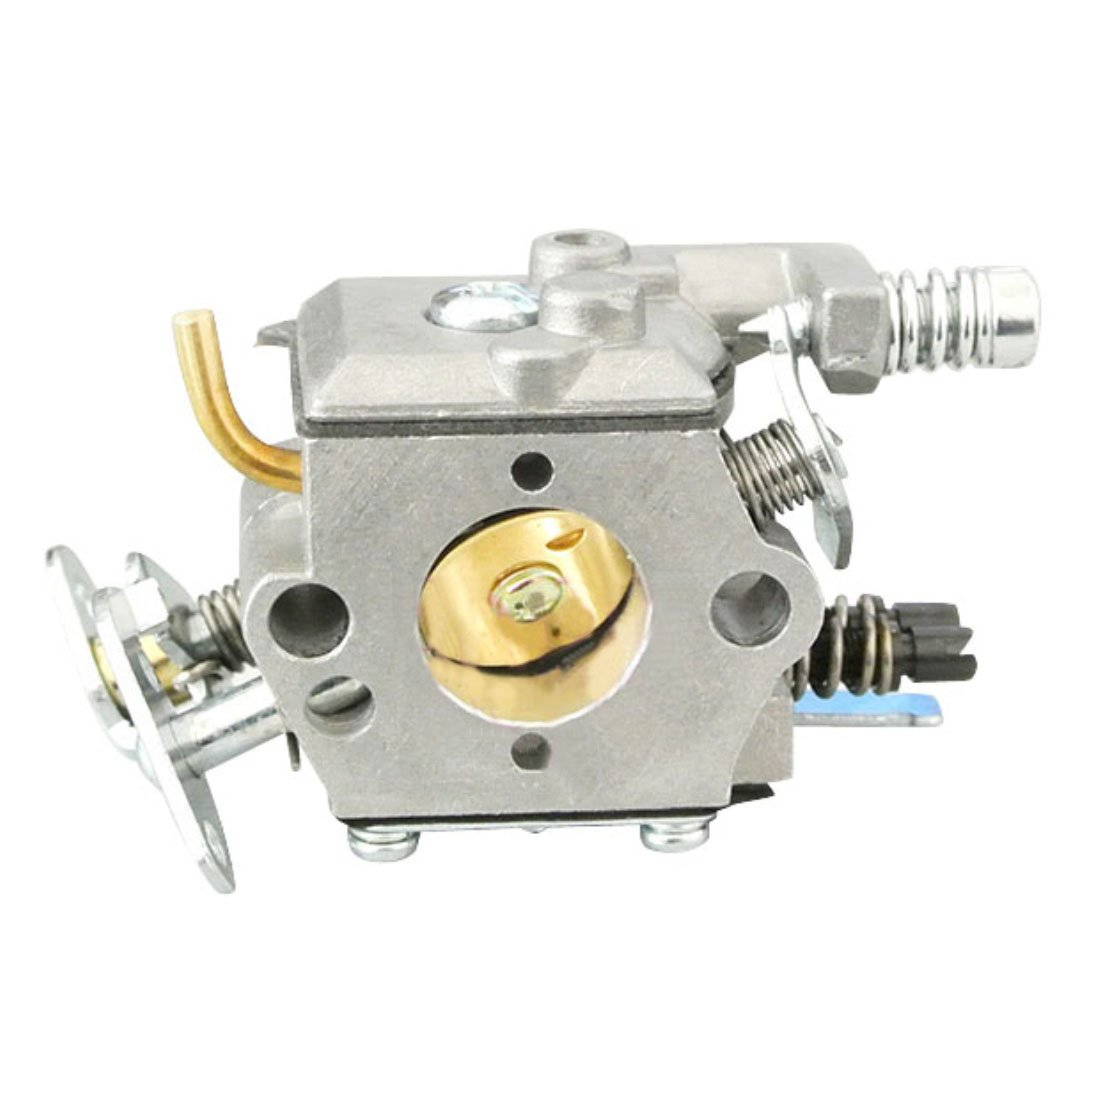 composto da un carburatore 136 JRL 137 41 un filtro ad aria ed un/kit di diaframma per Husqvarna 36 Set di ricambi per motosega 142 141 142 E 141 142 137E